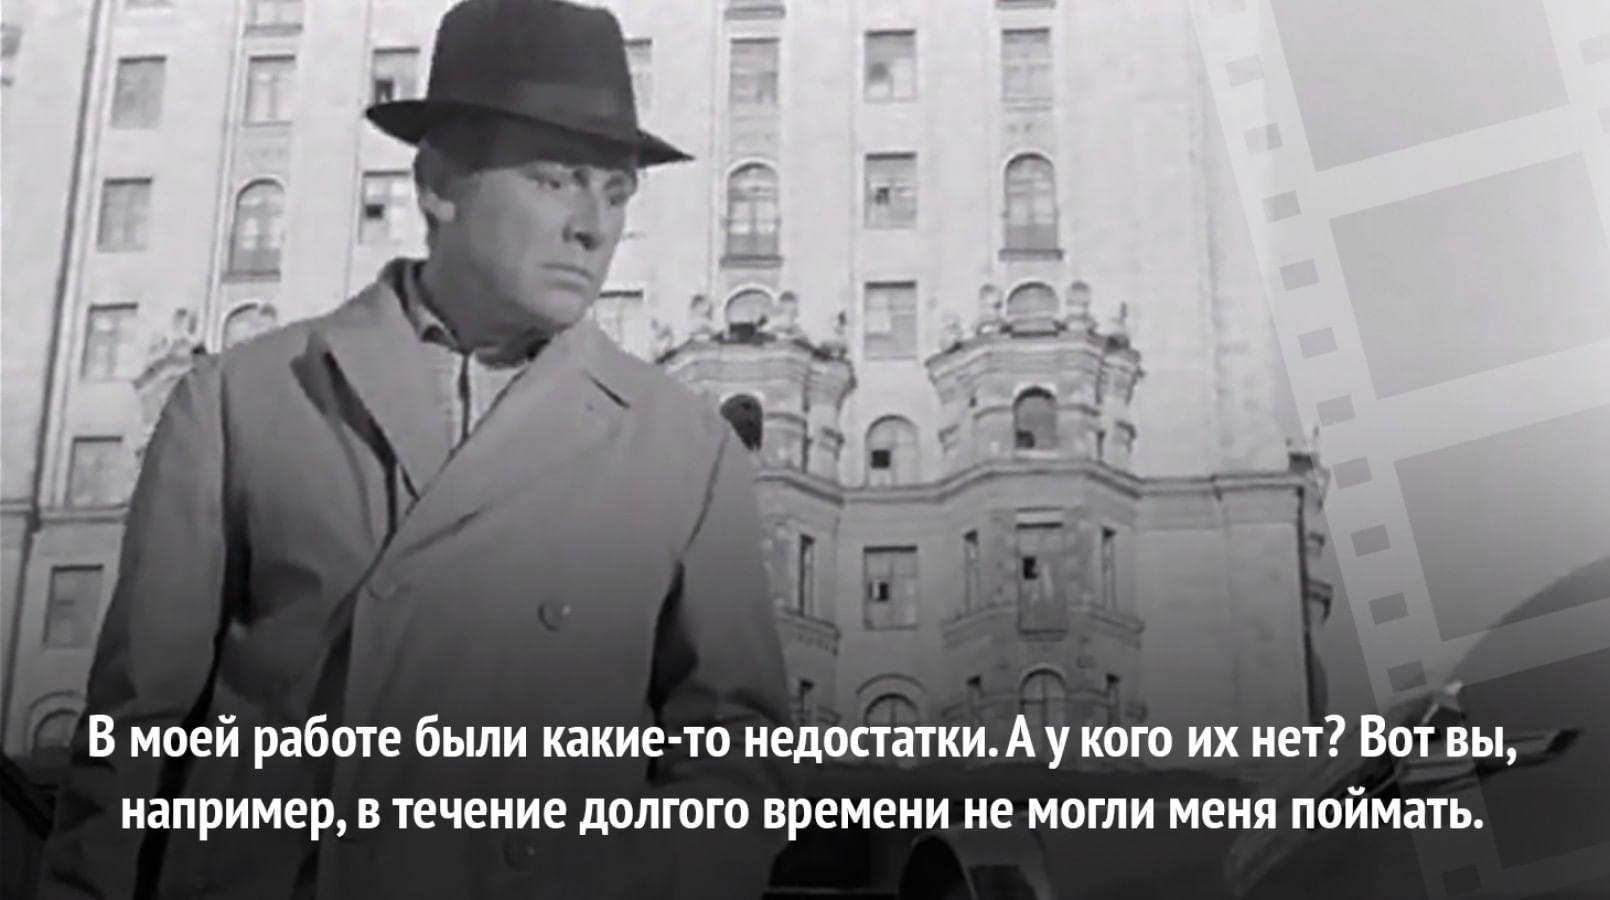 Юрий Деточкин в фильме «Берегись автомобиля» угонял автомобили.